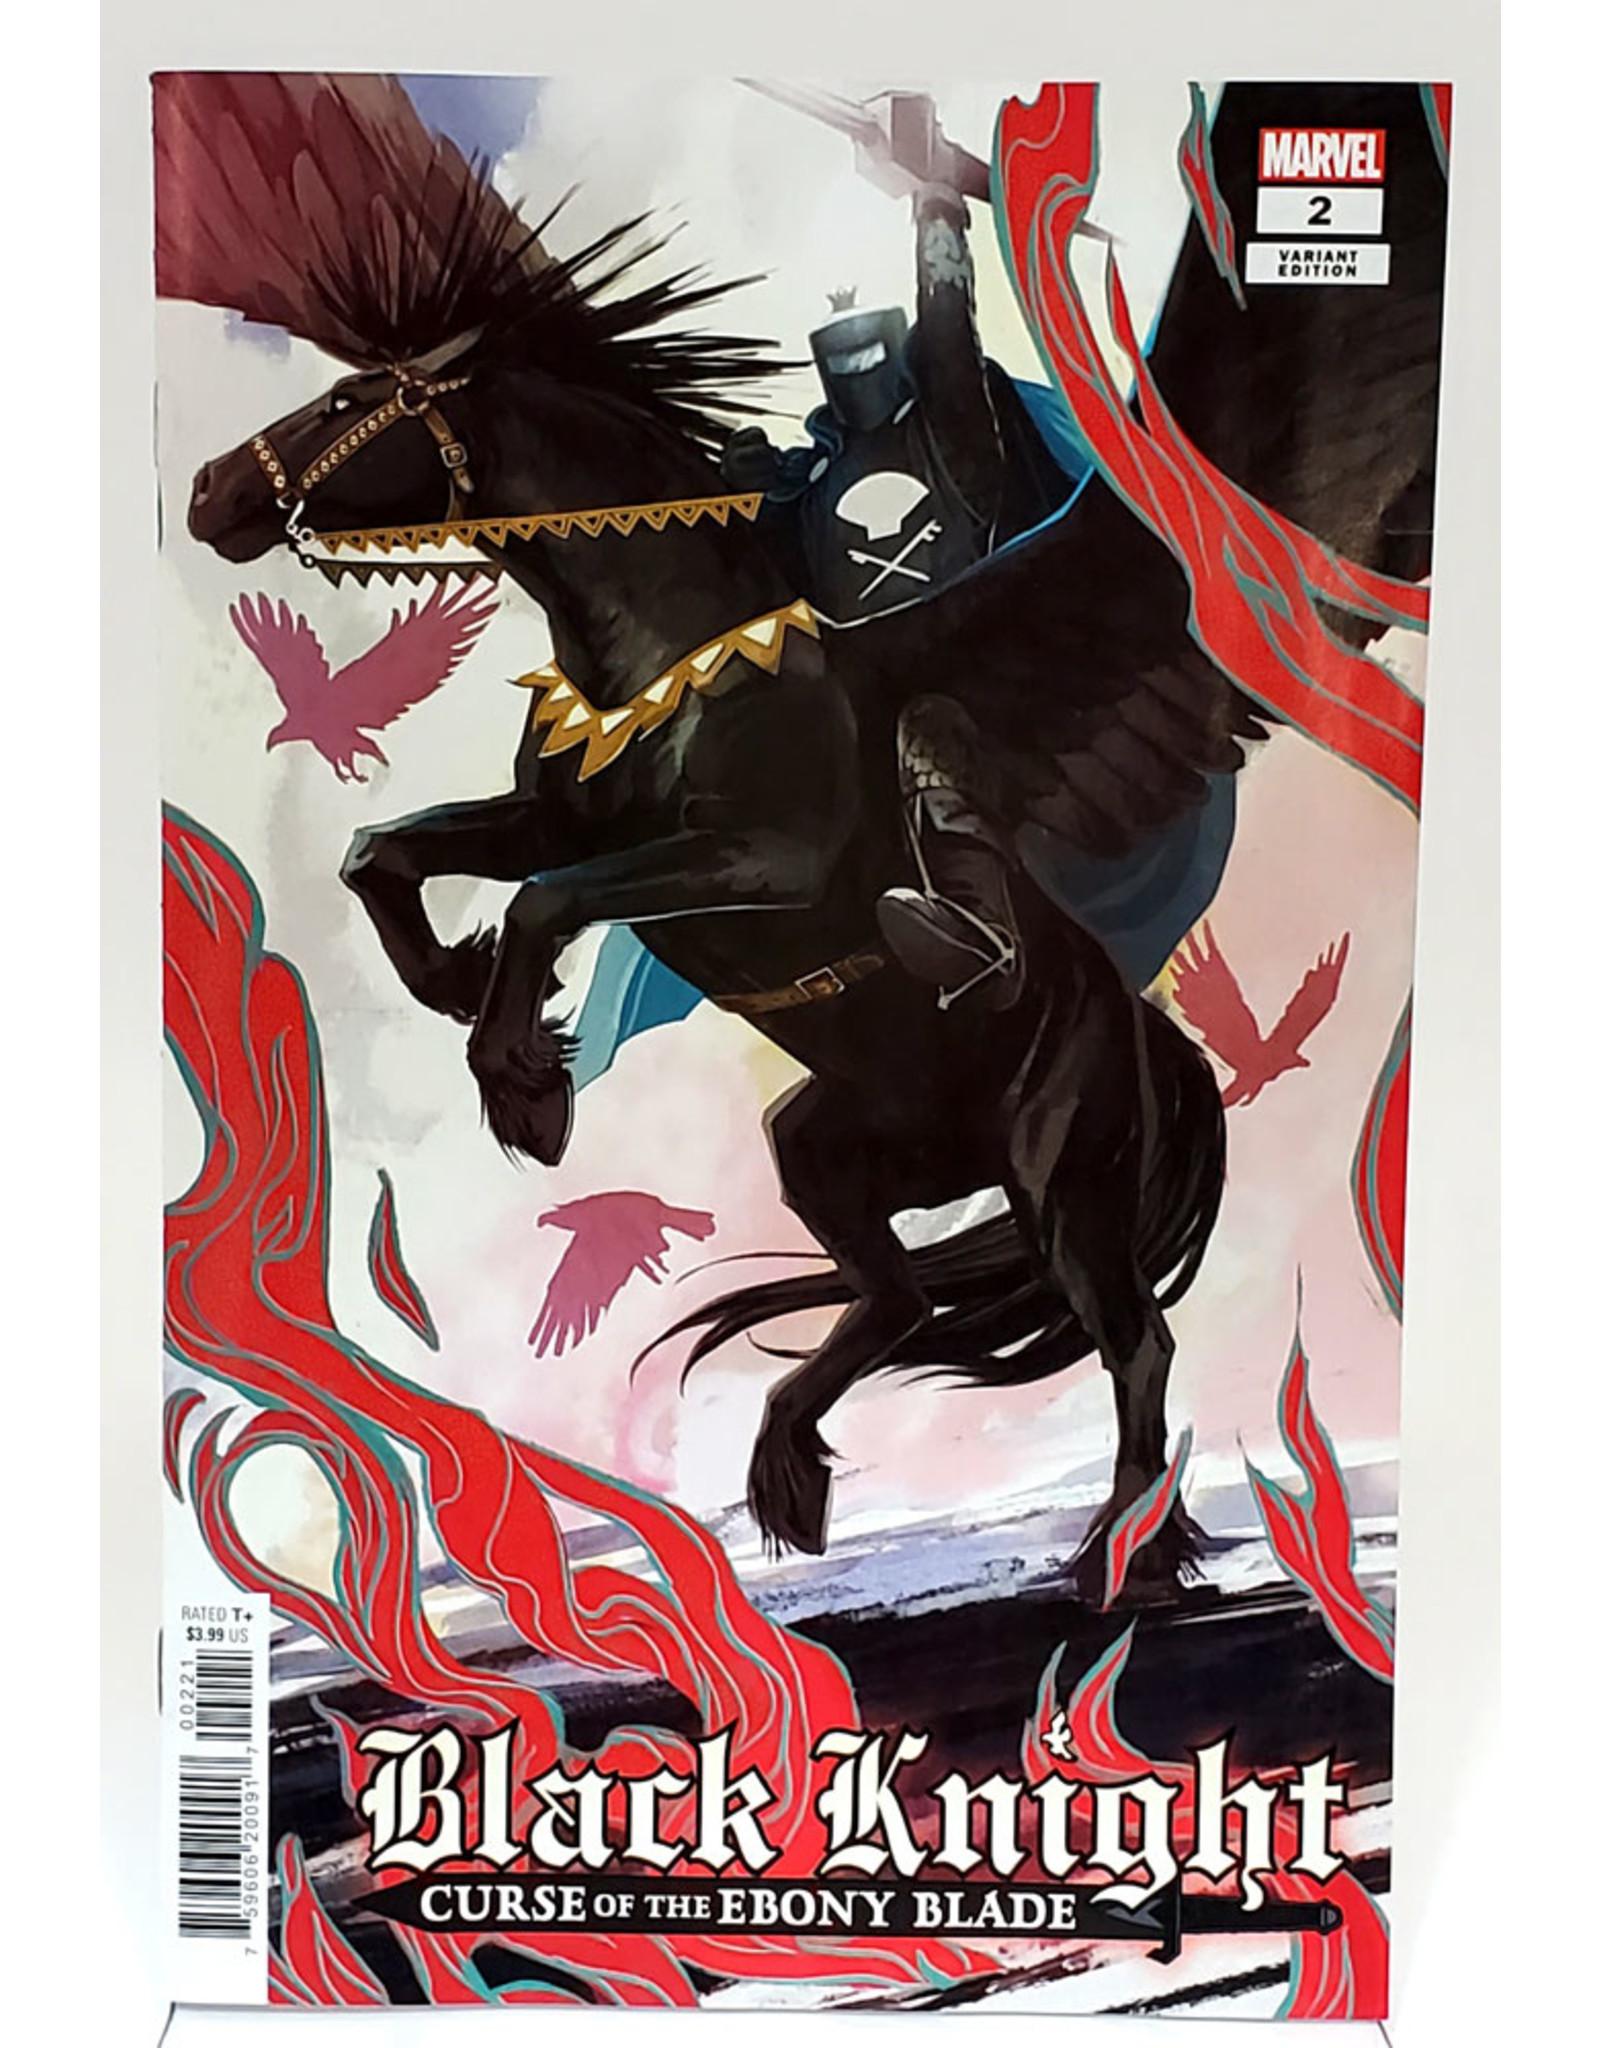 MARVEL COMICS BLACK KNIGHT CURSE EBONY BLADE #2 (OF 5) HANS VAR